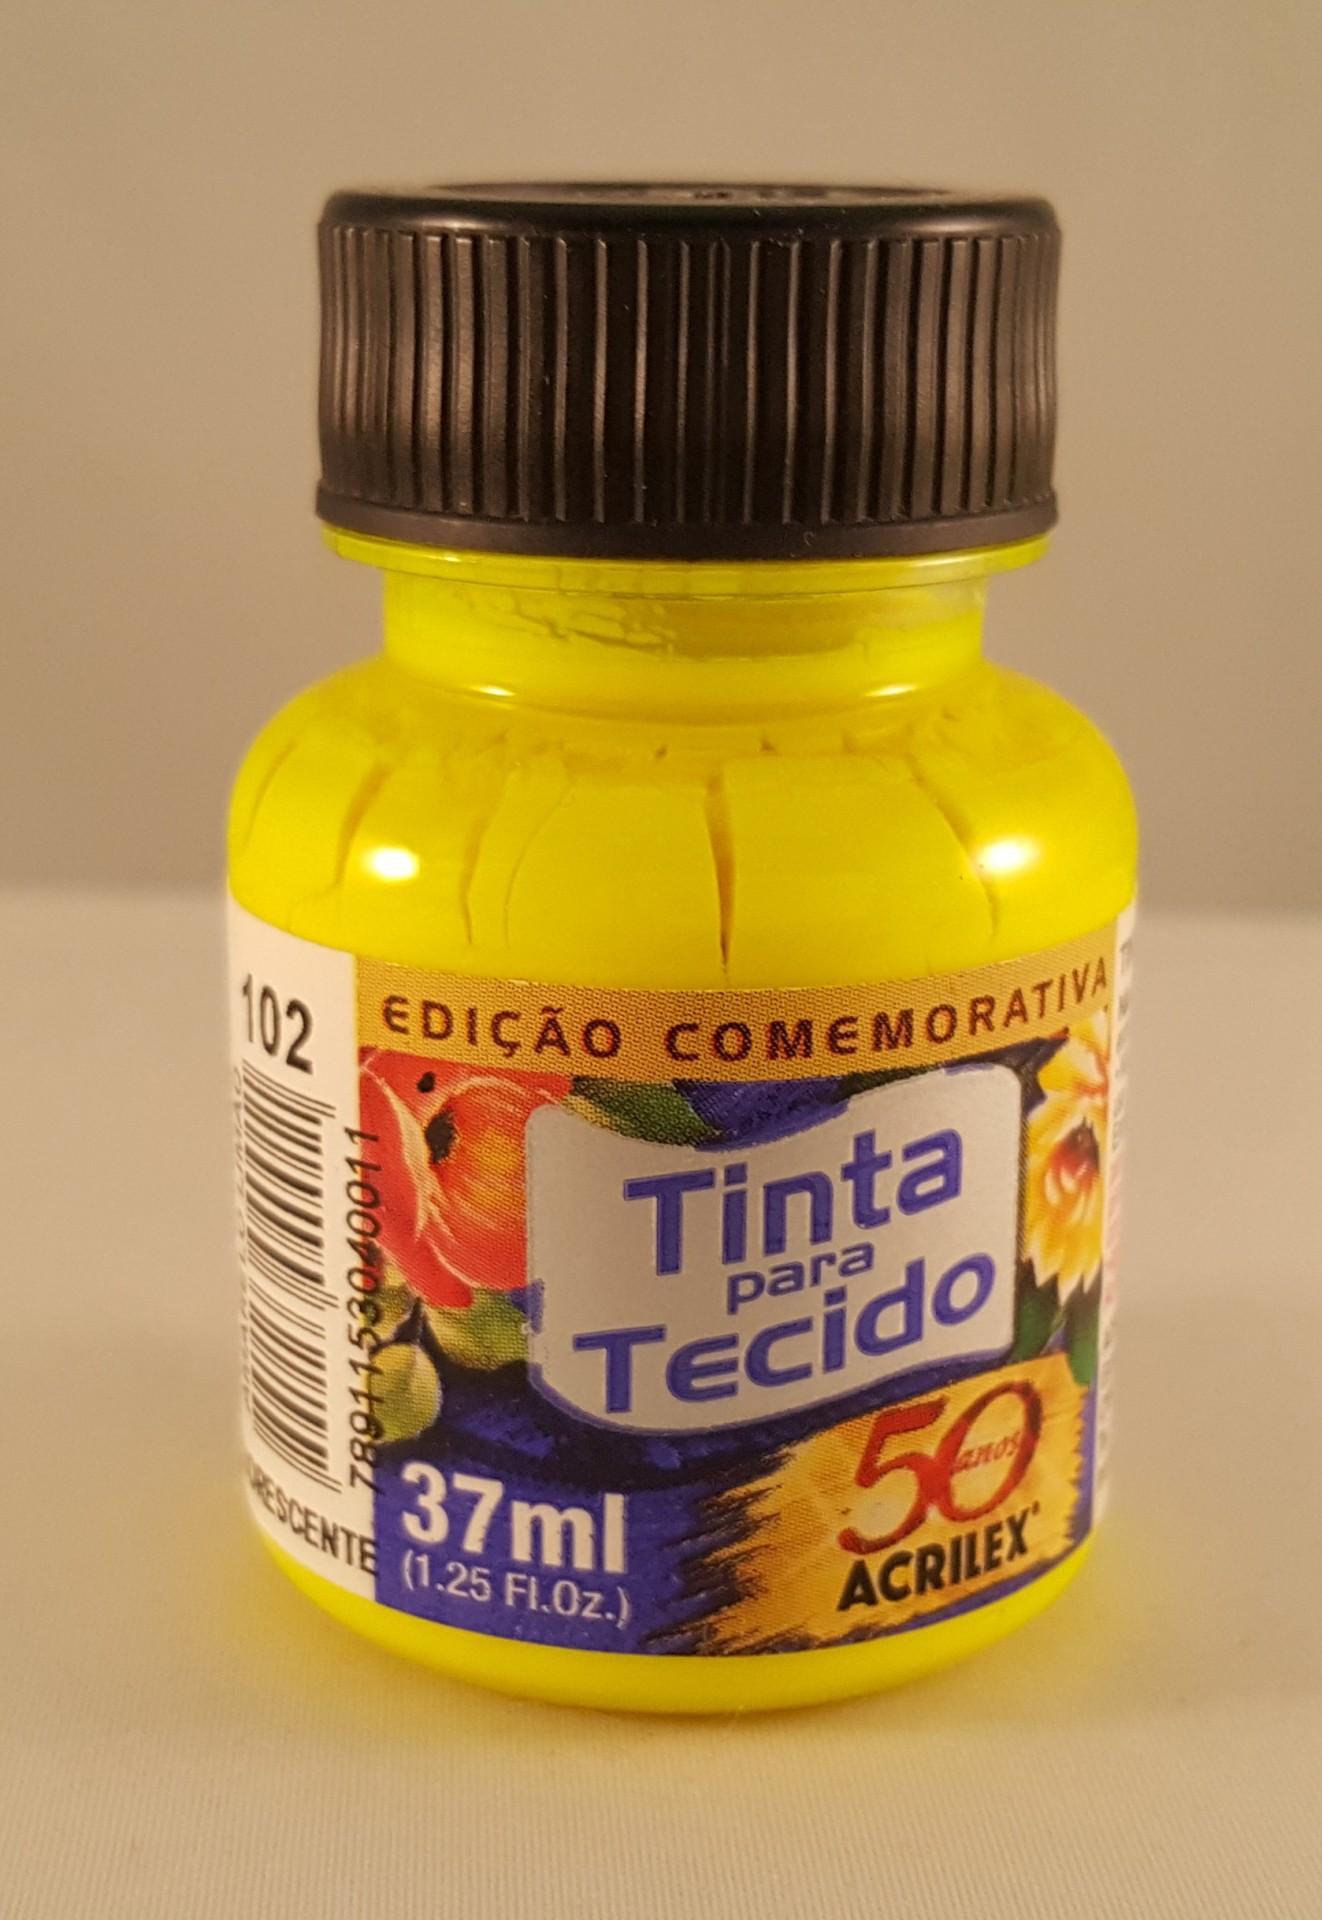 Tinta Tecido Acrilex fluorescente amarelo limão 102